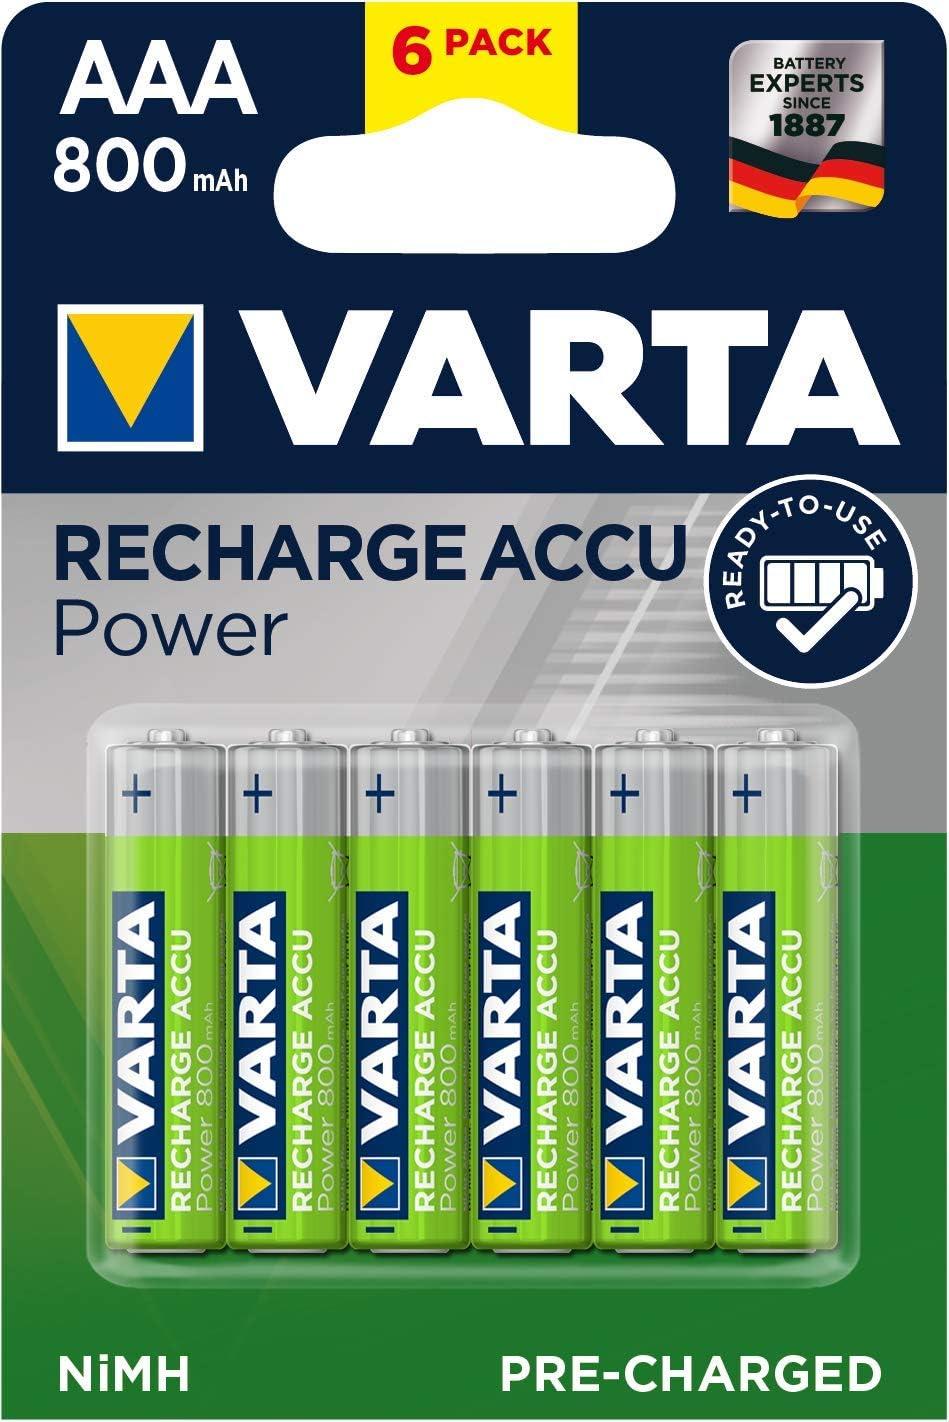 VARTA Recharge Accu Power, recargable - Pilas de NiMH AAA Micro (paquete de 6 unidades, 800 mAh) - Recargables sin efecto de memoria - Listo para usar: Amazon.es: Salud y cuidado personal